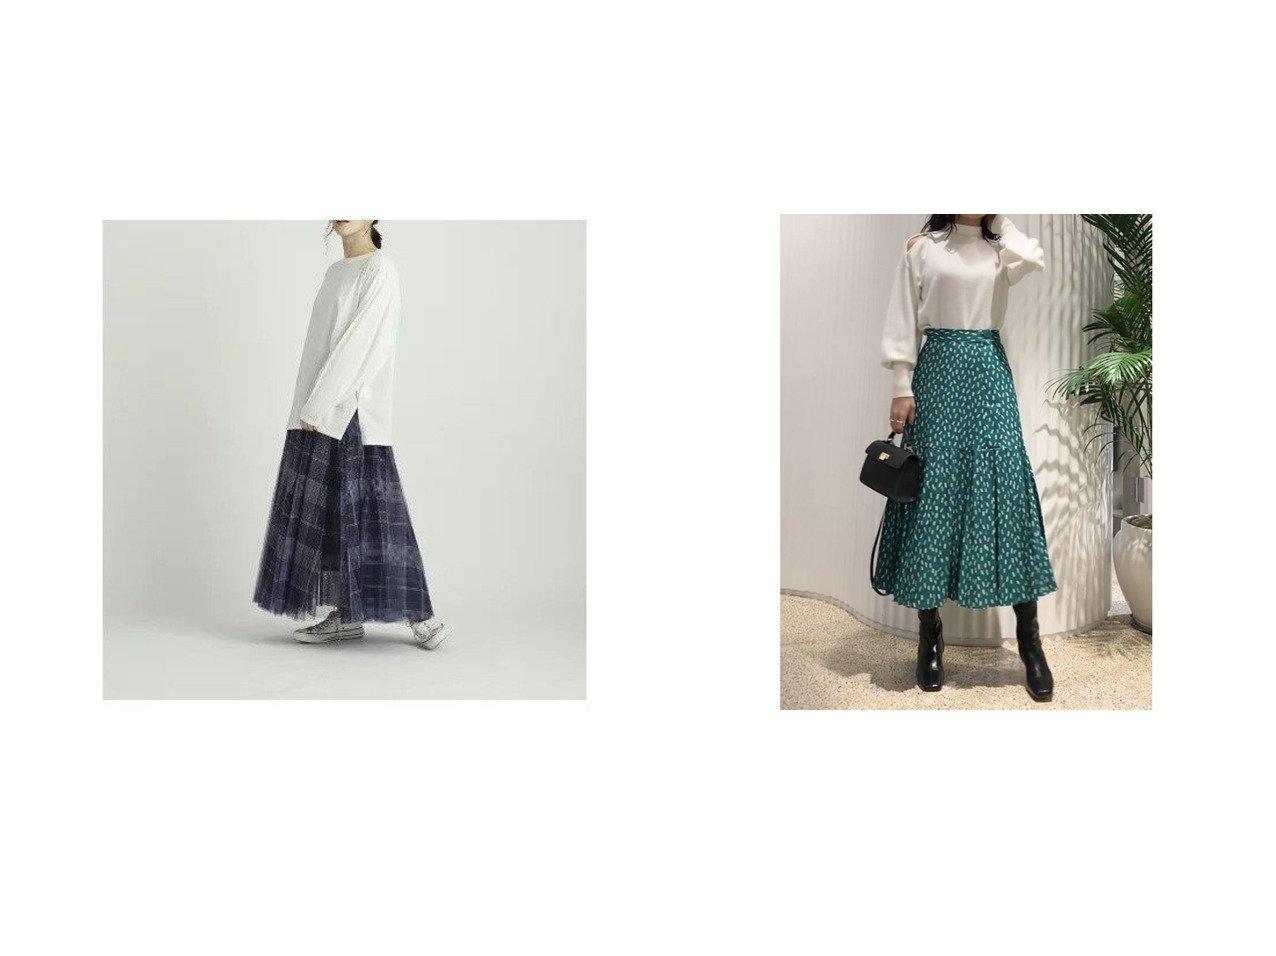 【DRWCYS/ドロシーズ】のチェックチュールスカート&【SNIDEL/スナイデル】のスクエアドットプリーツスカート 【スカート】おすすめ!人気、トレンド・レディースファッションの通販 おすすめで人気の流行・トレンド、ファッションの通販商品 インテリア・家具・メンズファッション・キッズファッション・レディースファッション・服の通販 founy(ファニー) https://founy.com/ ファッション Fashion レディースファッション WOMEN スカート Skirt プリーツスカート Pleated Skirts おすすめ Recommend コンパクト チェック チュール ポケット マキシ ロング 洗える クラシカル スマート ドット フレア プリント プリーツ ラップ A/W・秋冬 AW・Autumn/Winter・FW・Fall-Winter 2021年 2021 2021-2022秋冬・A/W AW・Autumn/Winter・FW・Fall-Winter・2021-2022 |ID:crp329100000070683